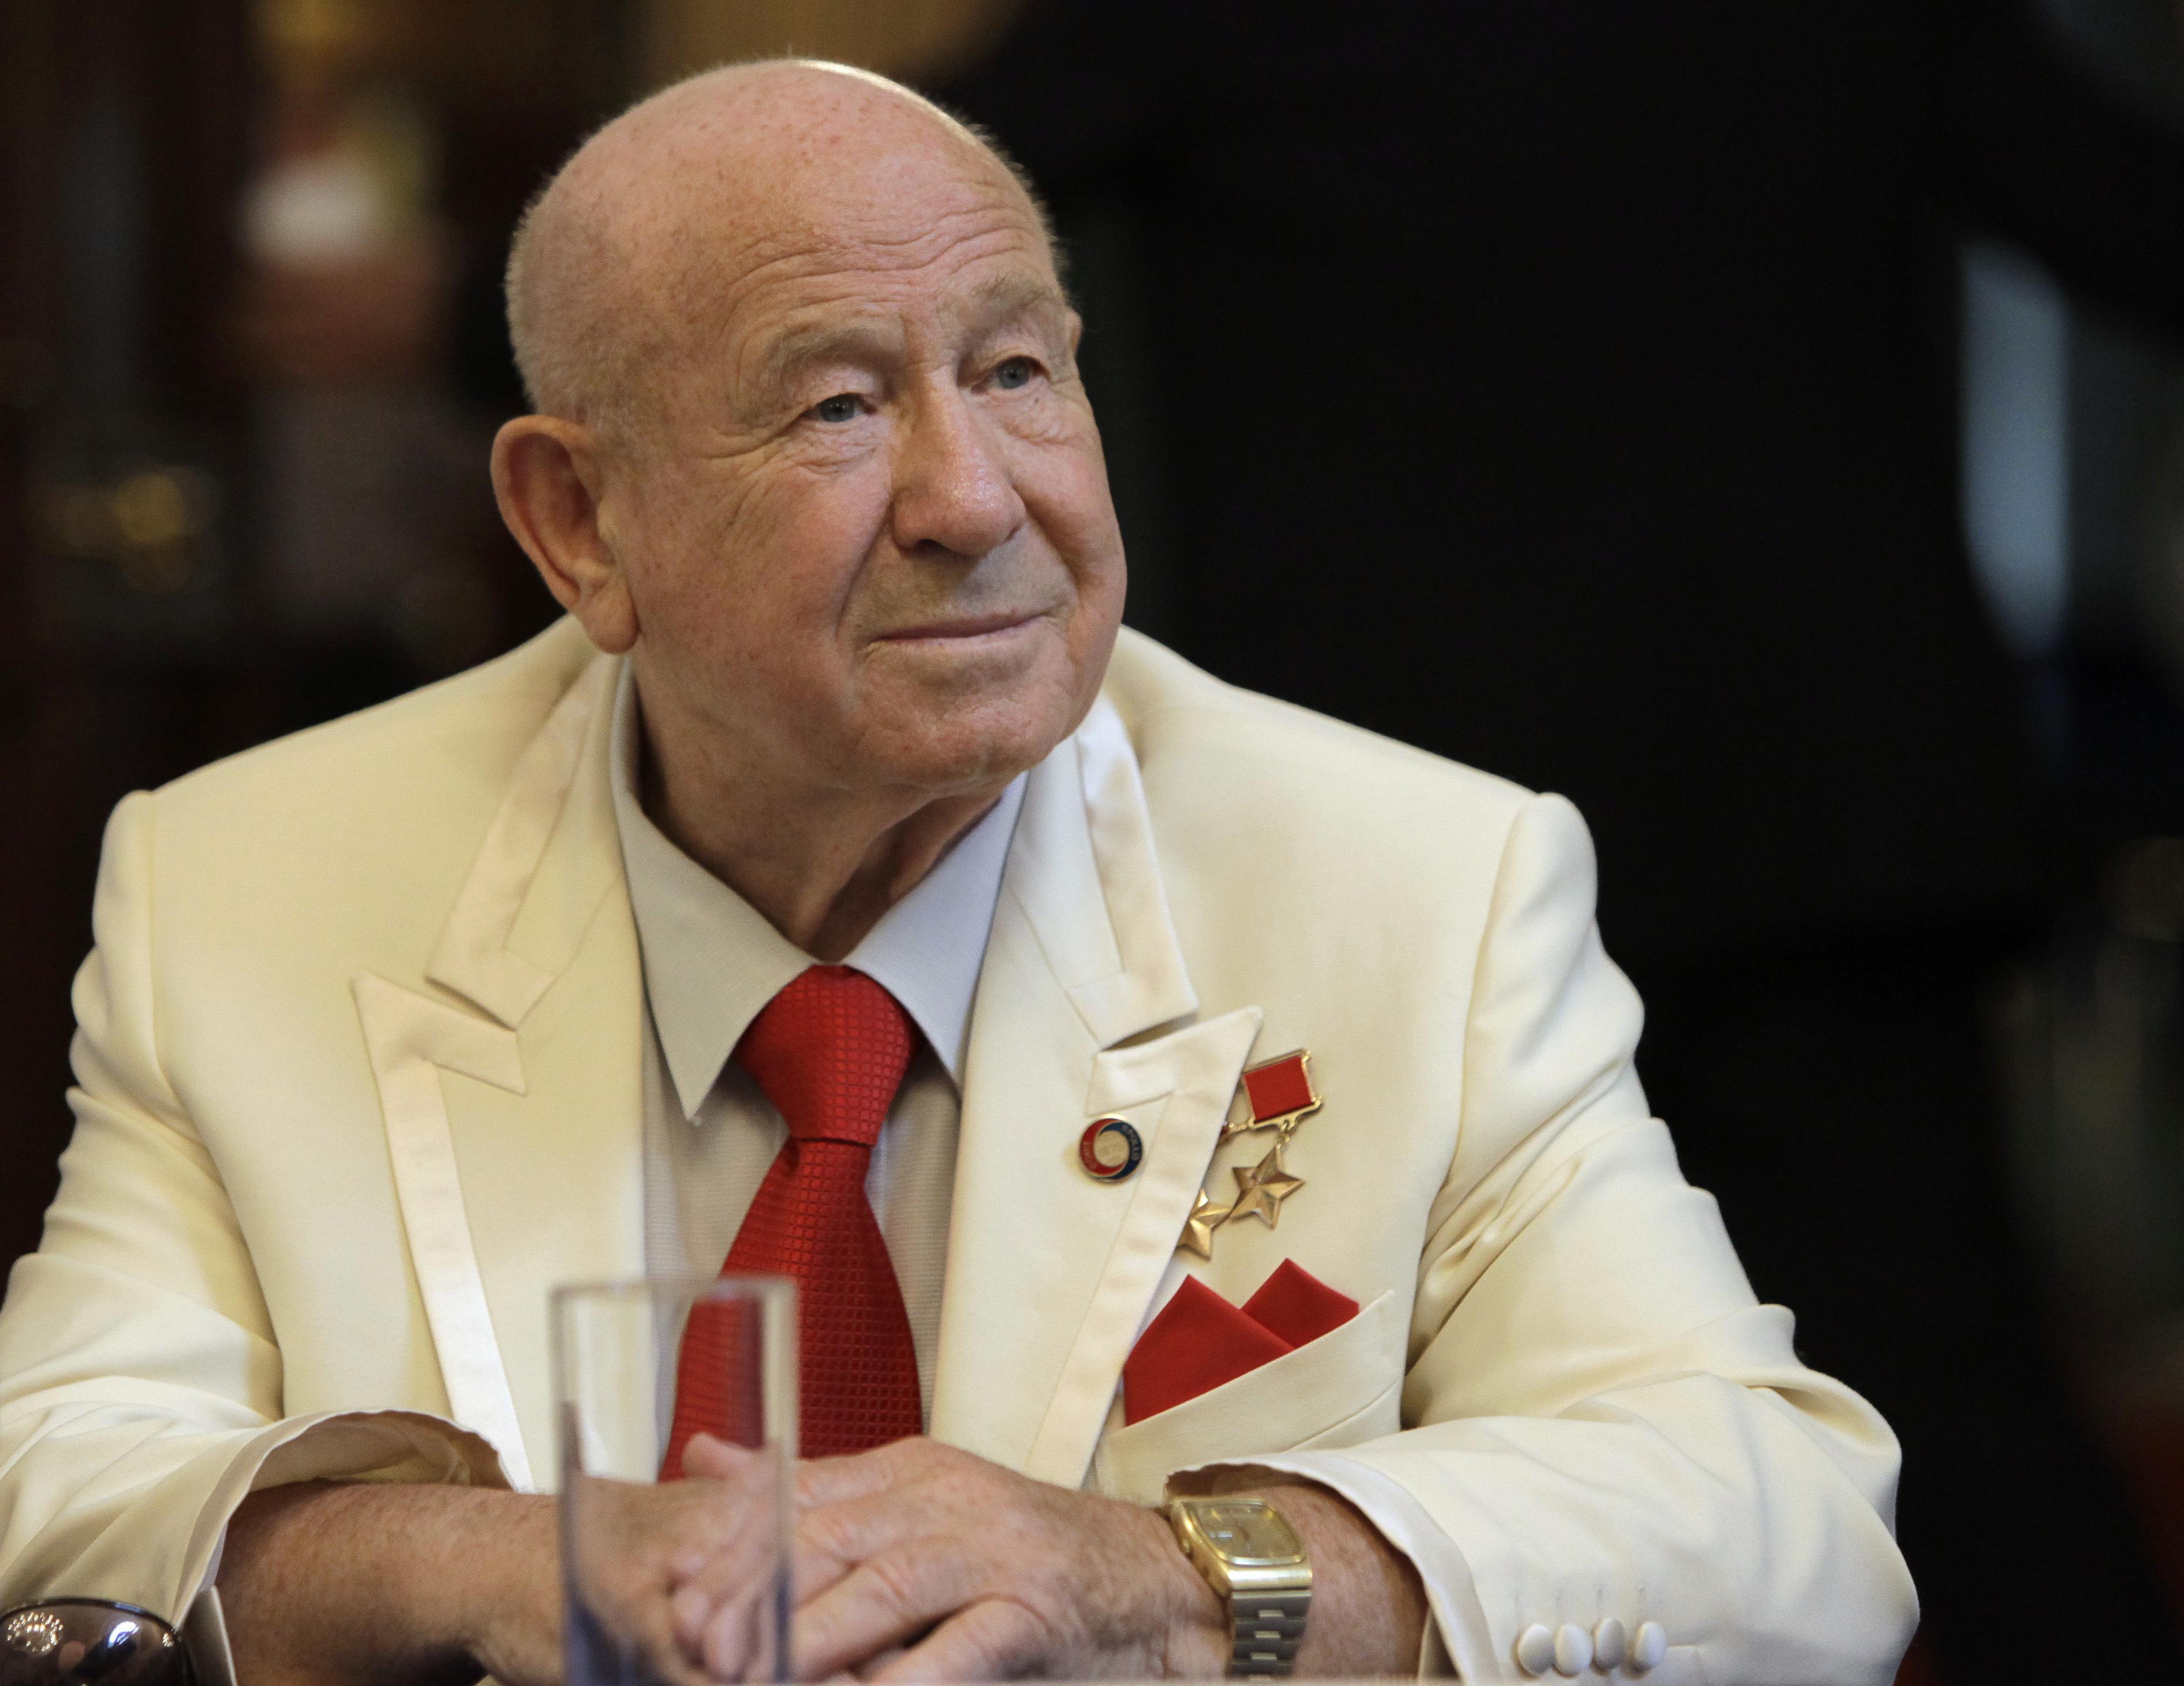 Legendary Soviet cosmonaut Alexei Leonov buried in Russia